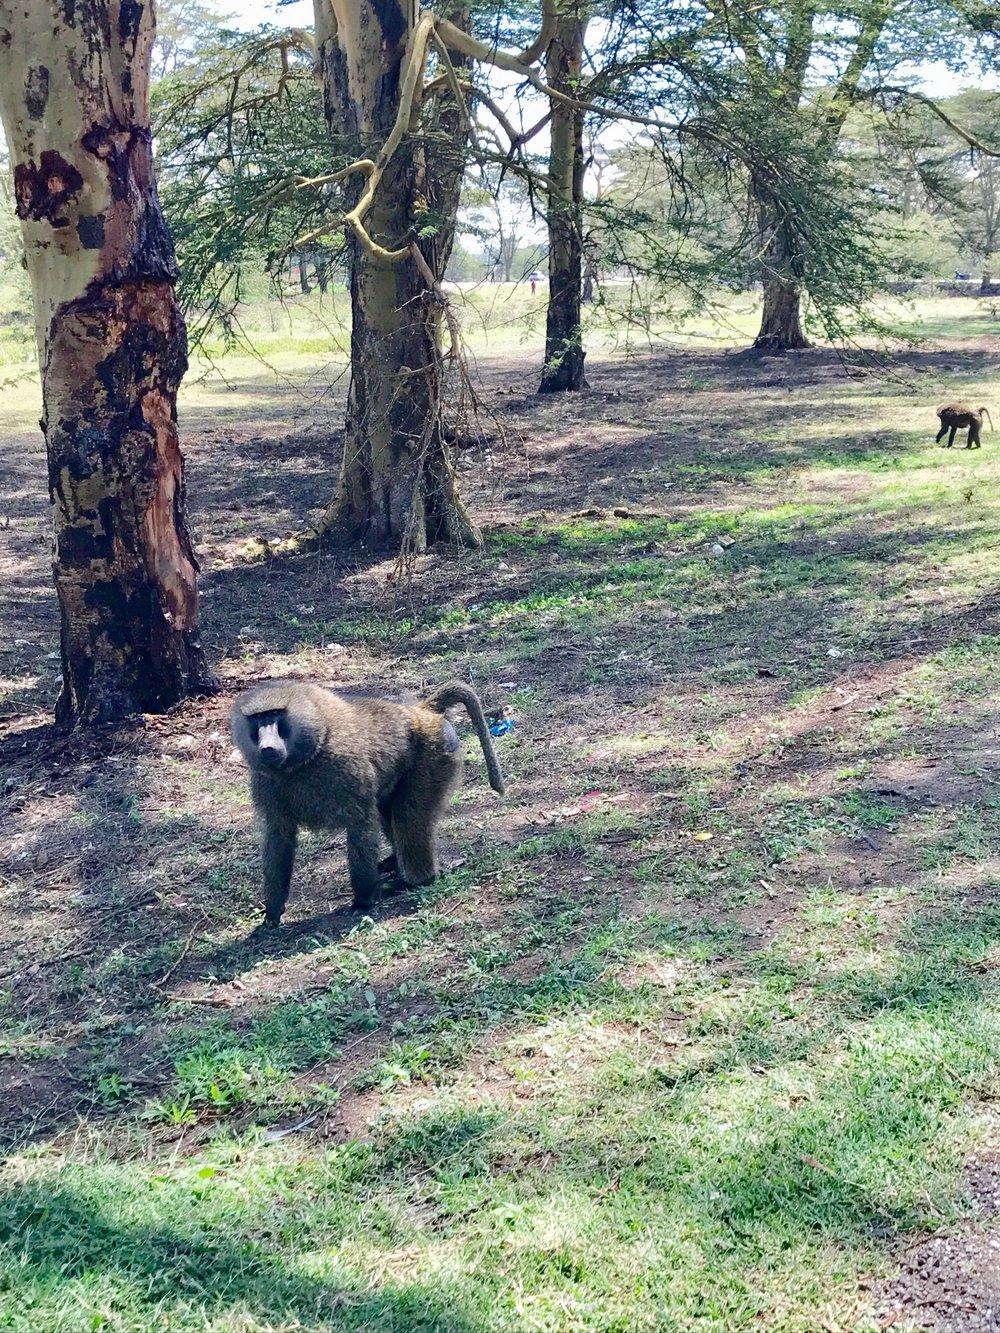 A curious baboon.